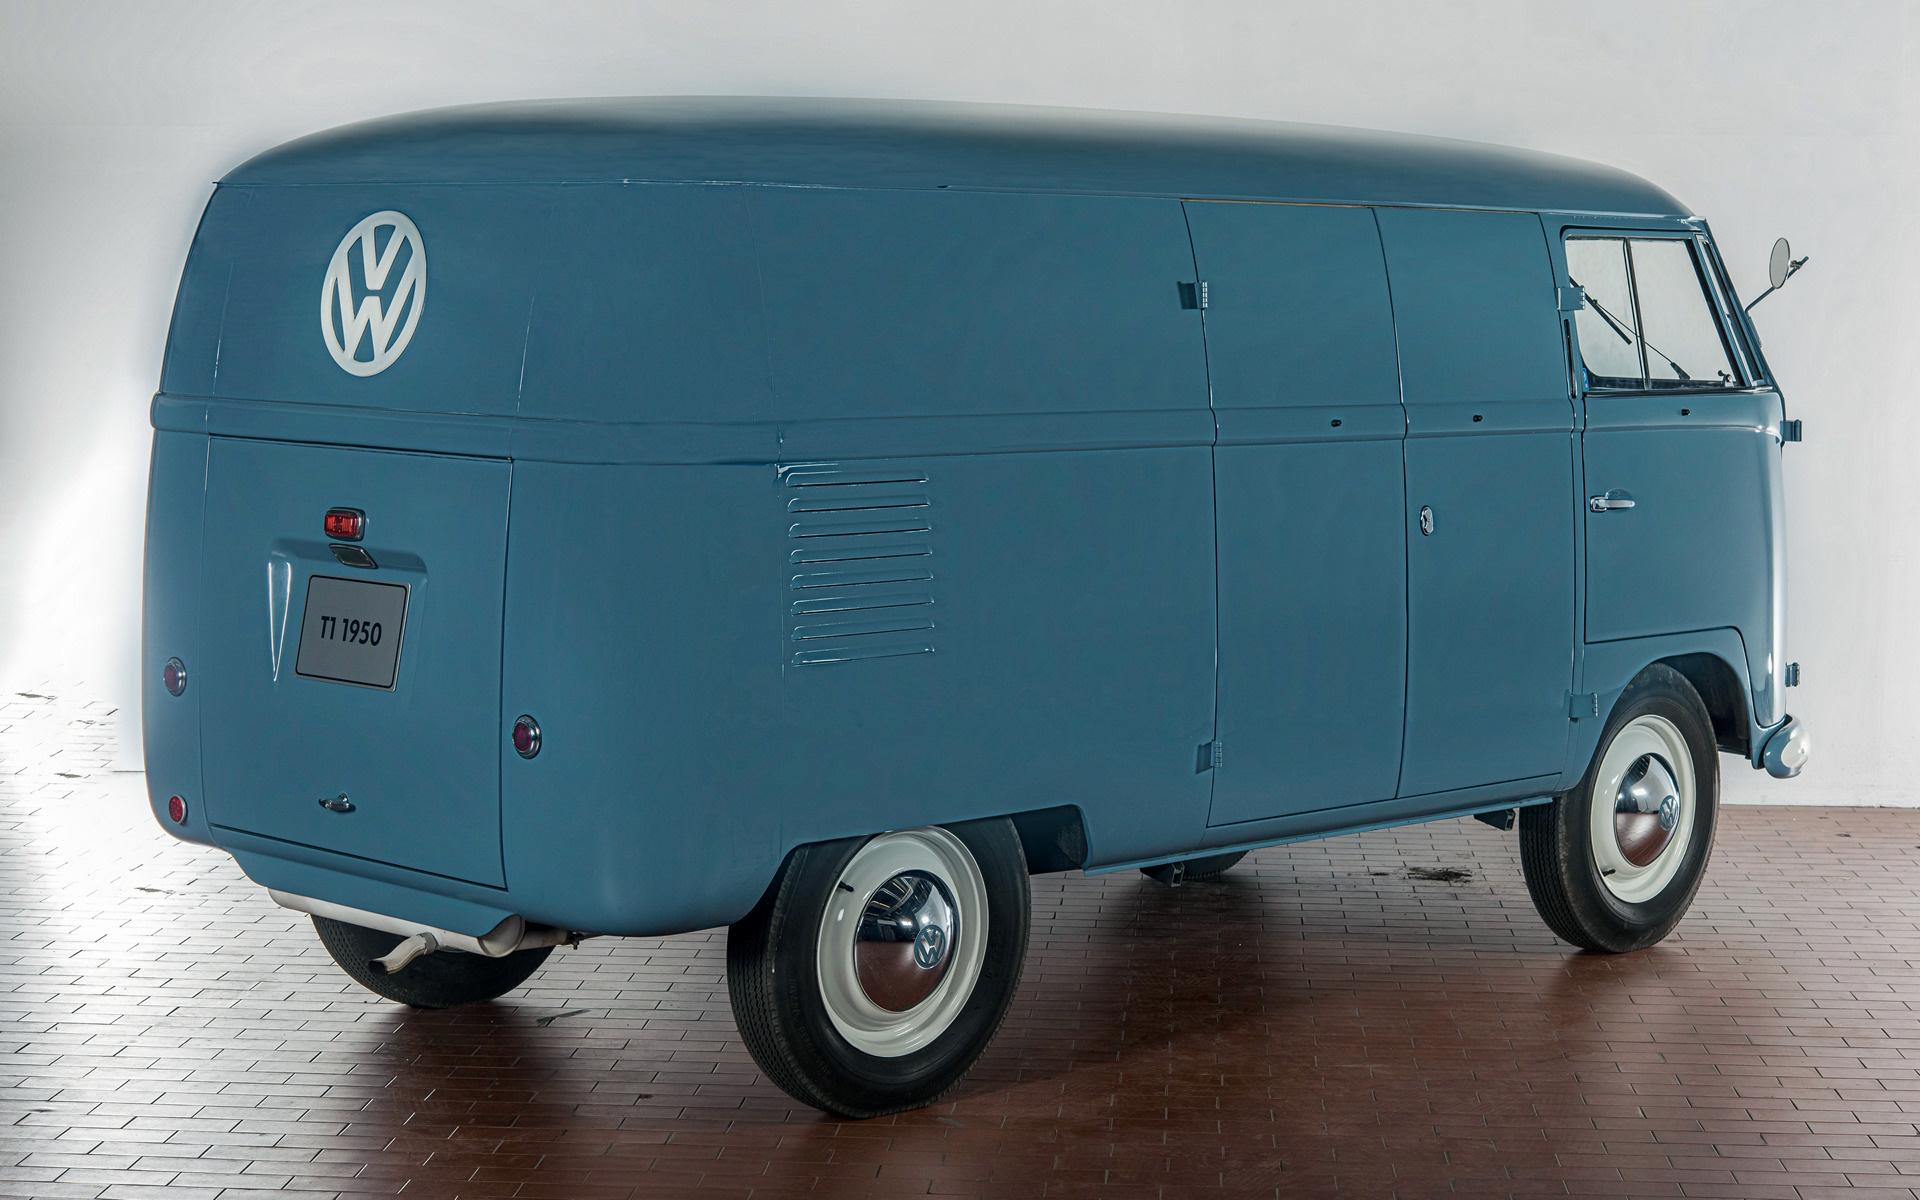 1950 Volkswagen T1 Panel Van - Wallpapers and HD Images ...